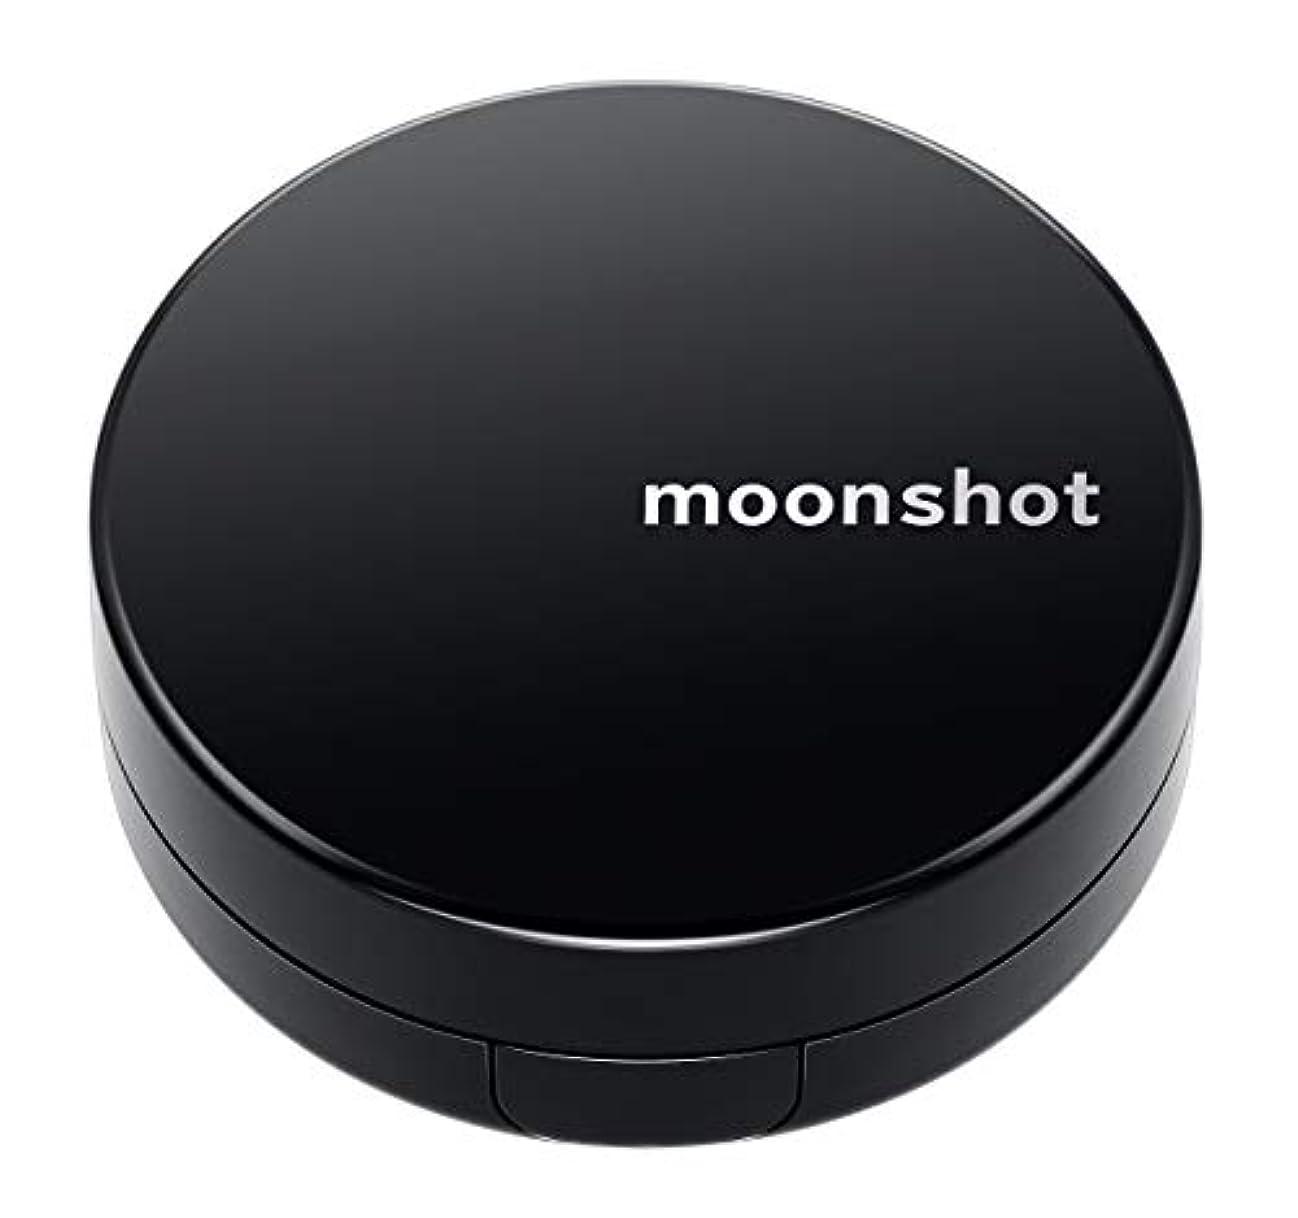 正しくペダル病気の【moonshot × blackpink】自然なスキントーンと均一なカバー力 しわ改善 美白 紫外線遮断 ムーンショット マイクロフィットクッション201/正規品